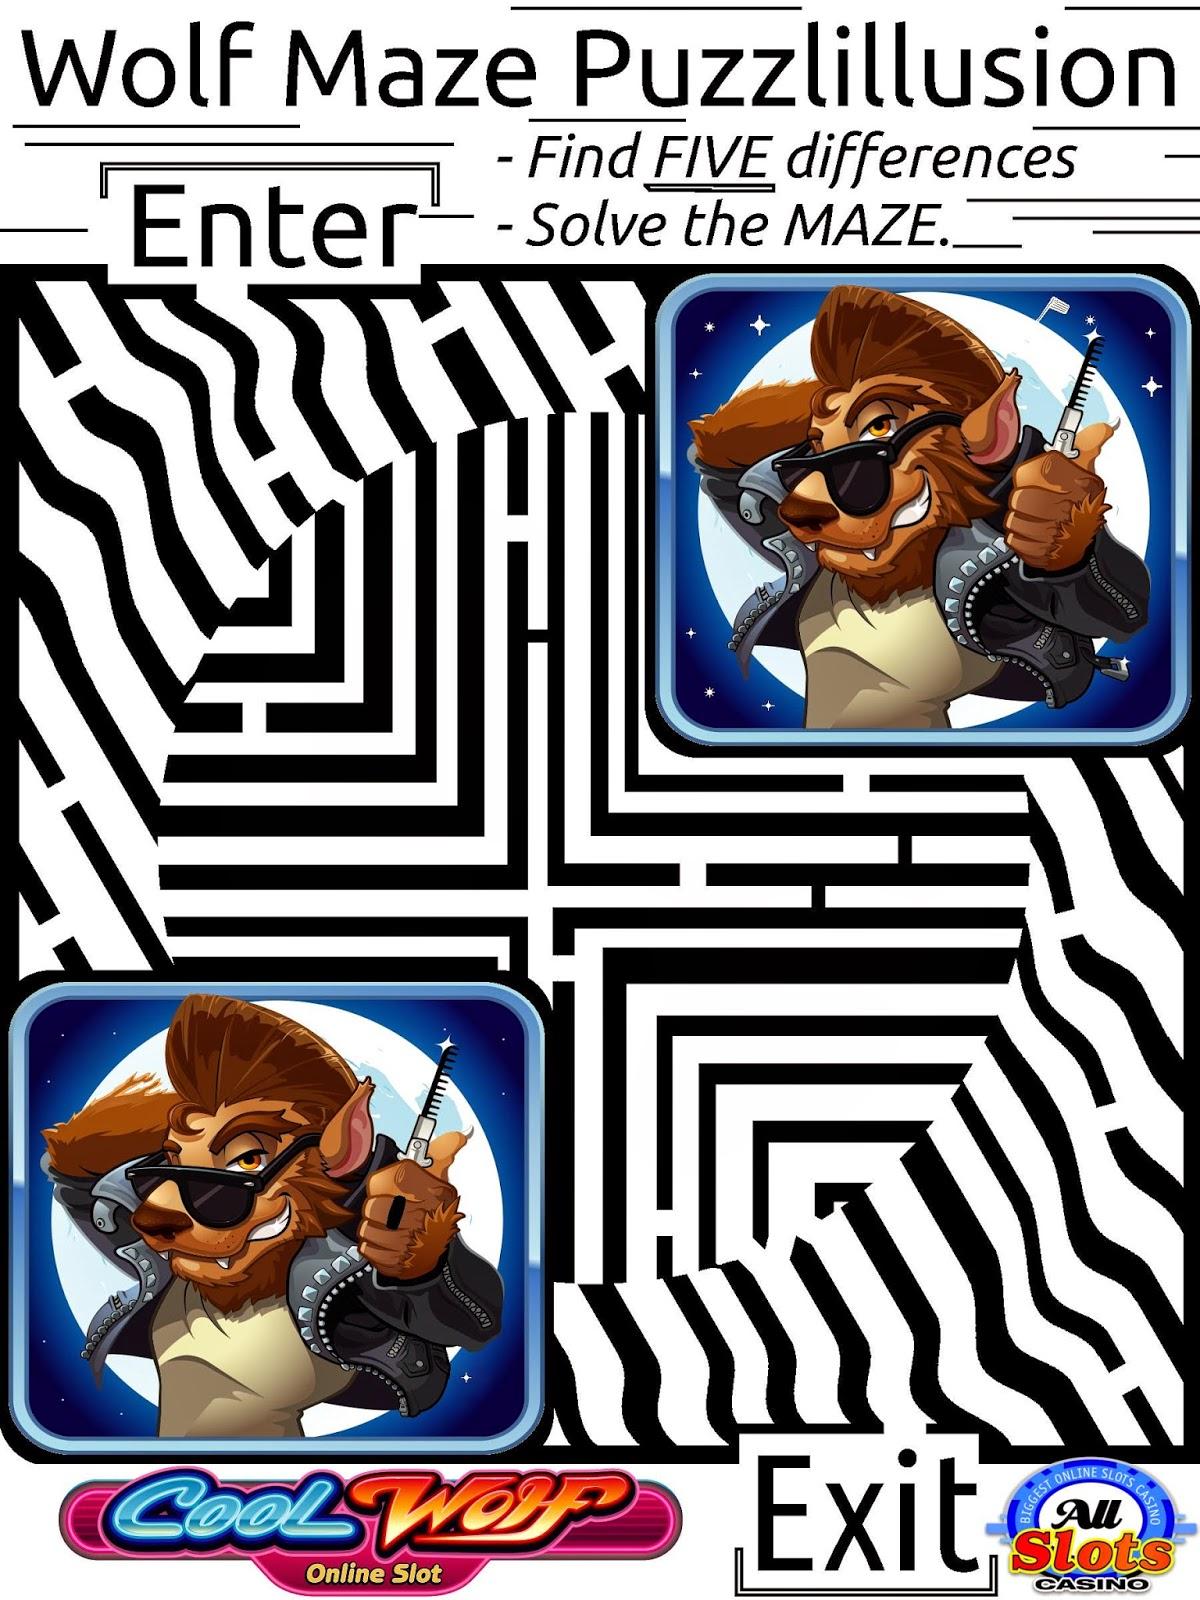 puzzlillusion